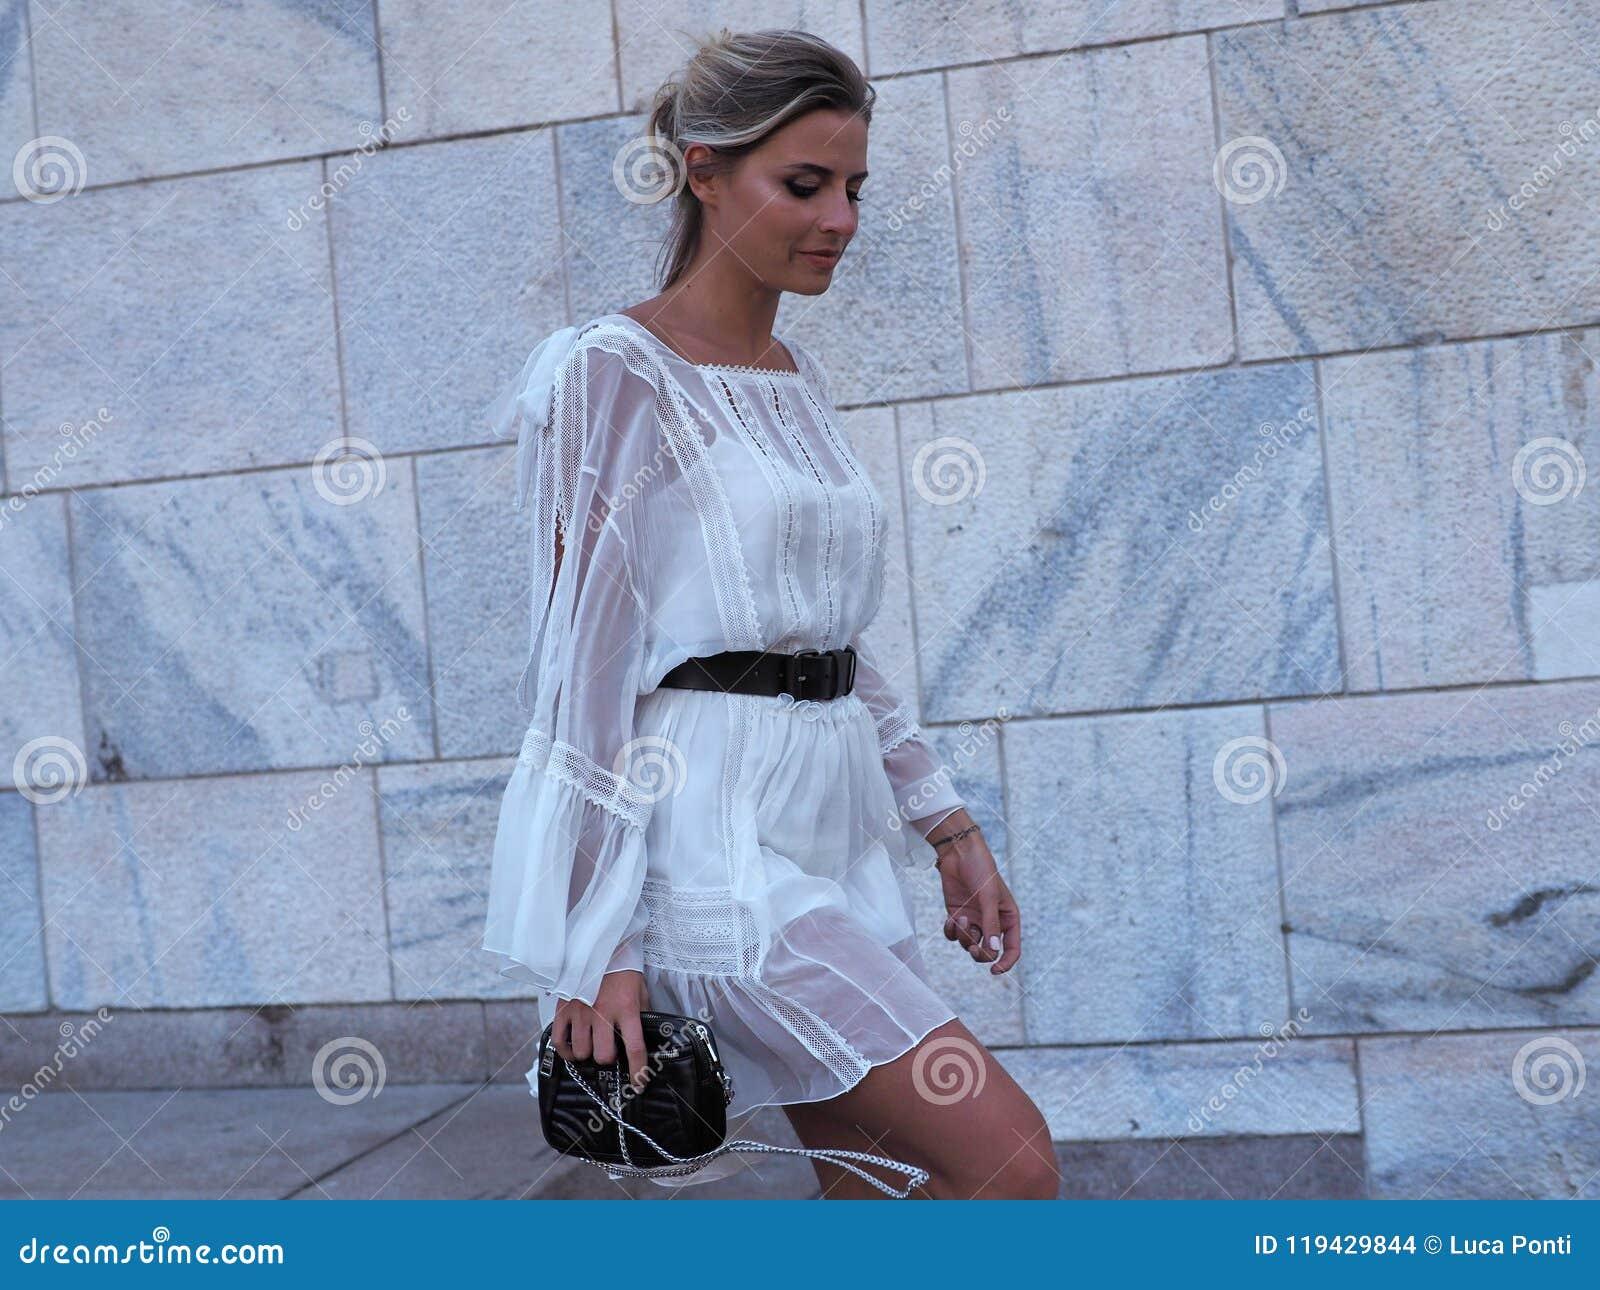 MILANO, ITALIA - 15 GIUGNO 2018: Veronica Ferrero che posa per i fotografi nella via dopo la sfilata di moda di ALBERTA FERRETTI